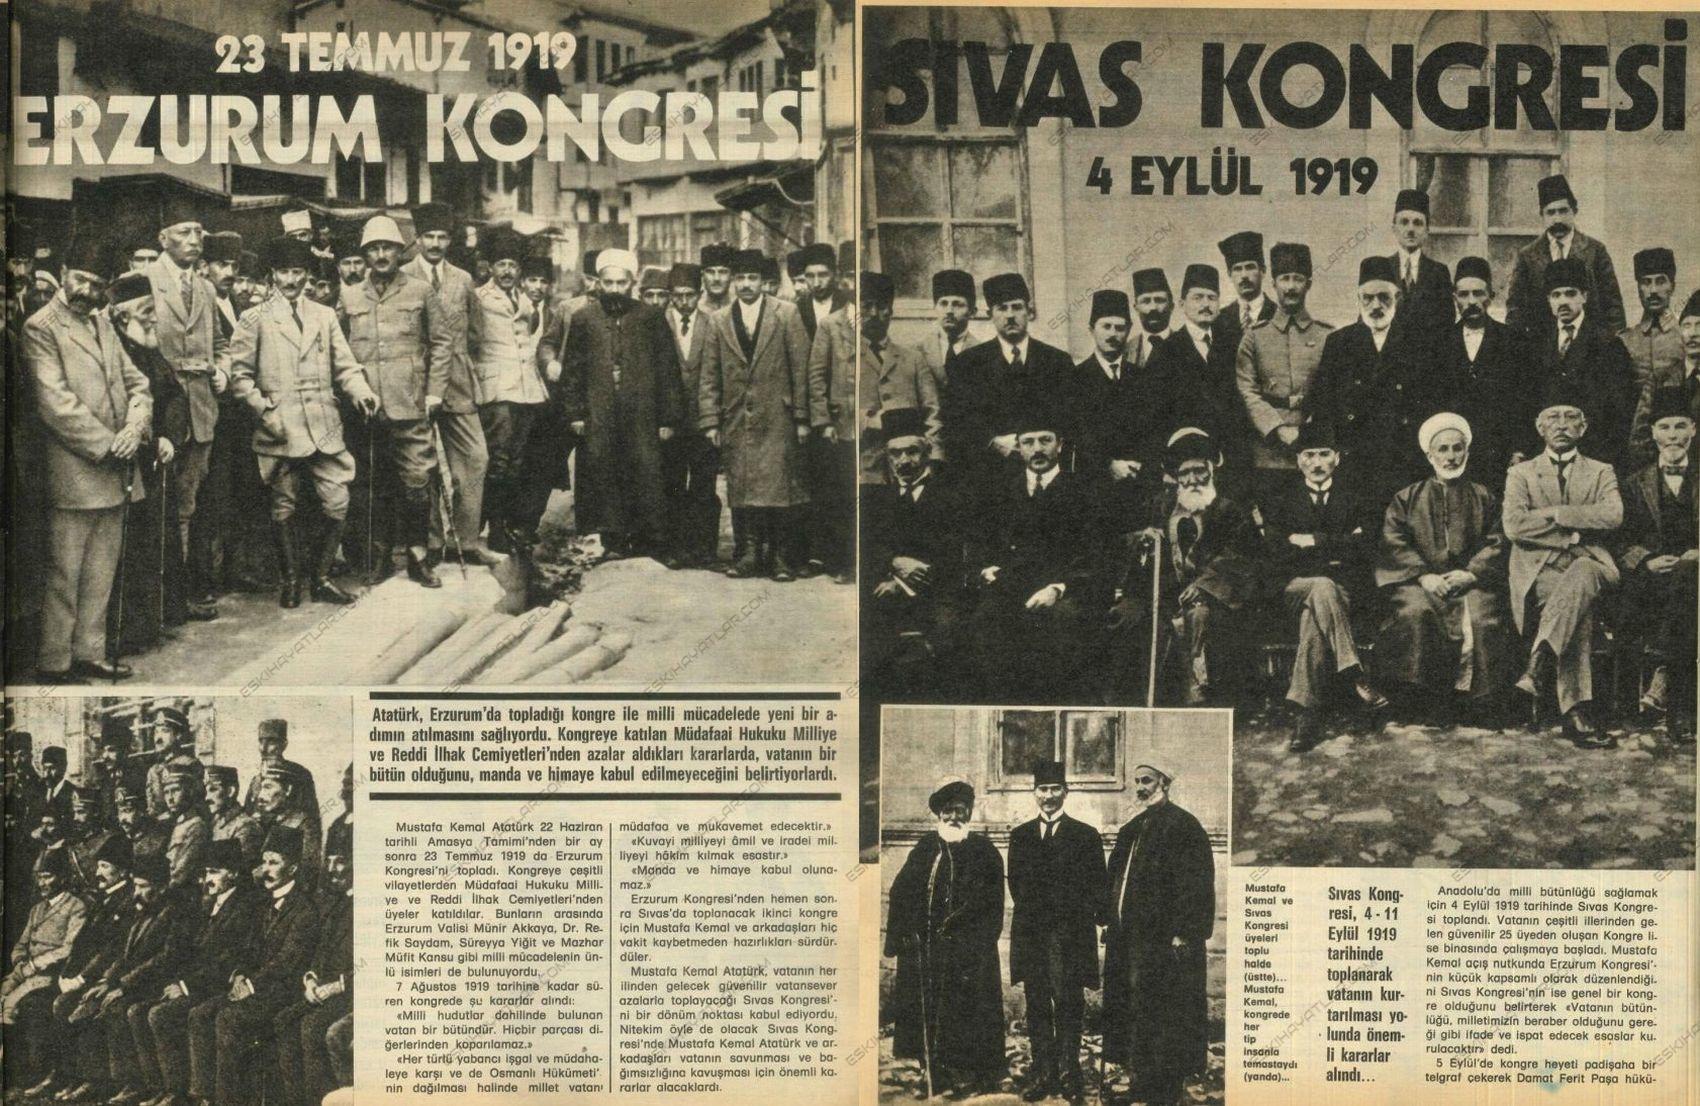 0650-mustafa-kemal-ataturk-istiklal-savasi-fotograflari-cumhuriyet-ilani-buyuk-taarruz-1983-hayat-dergisi-ozel-ekleri (8)